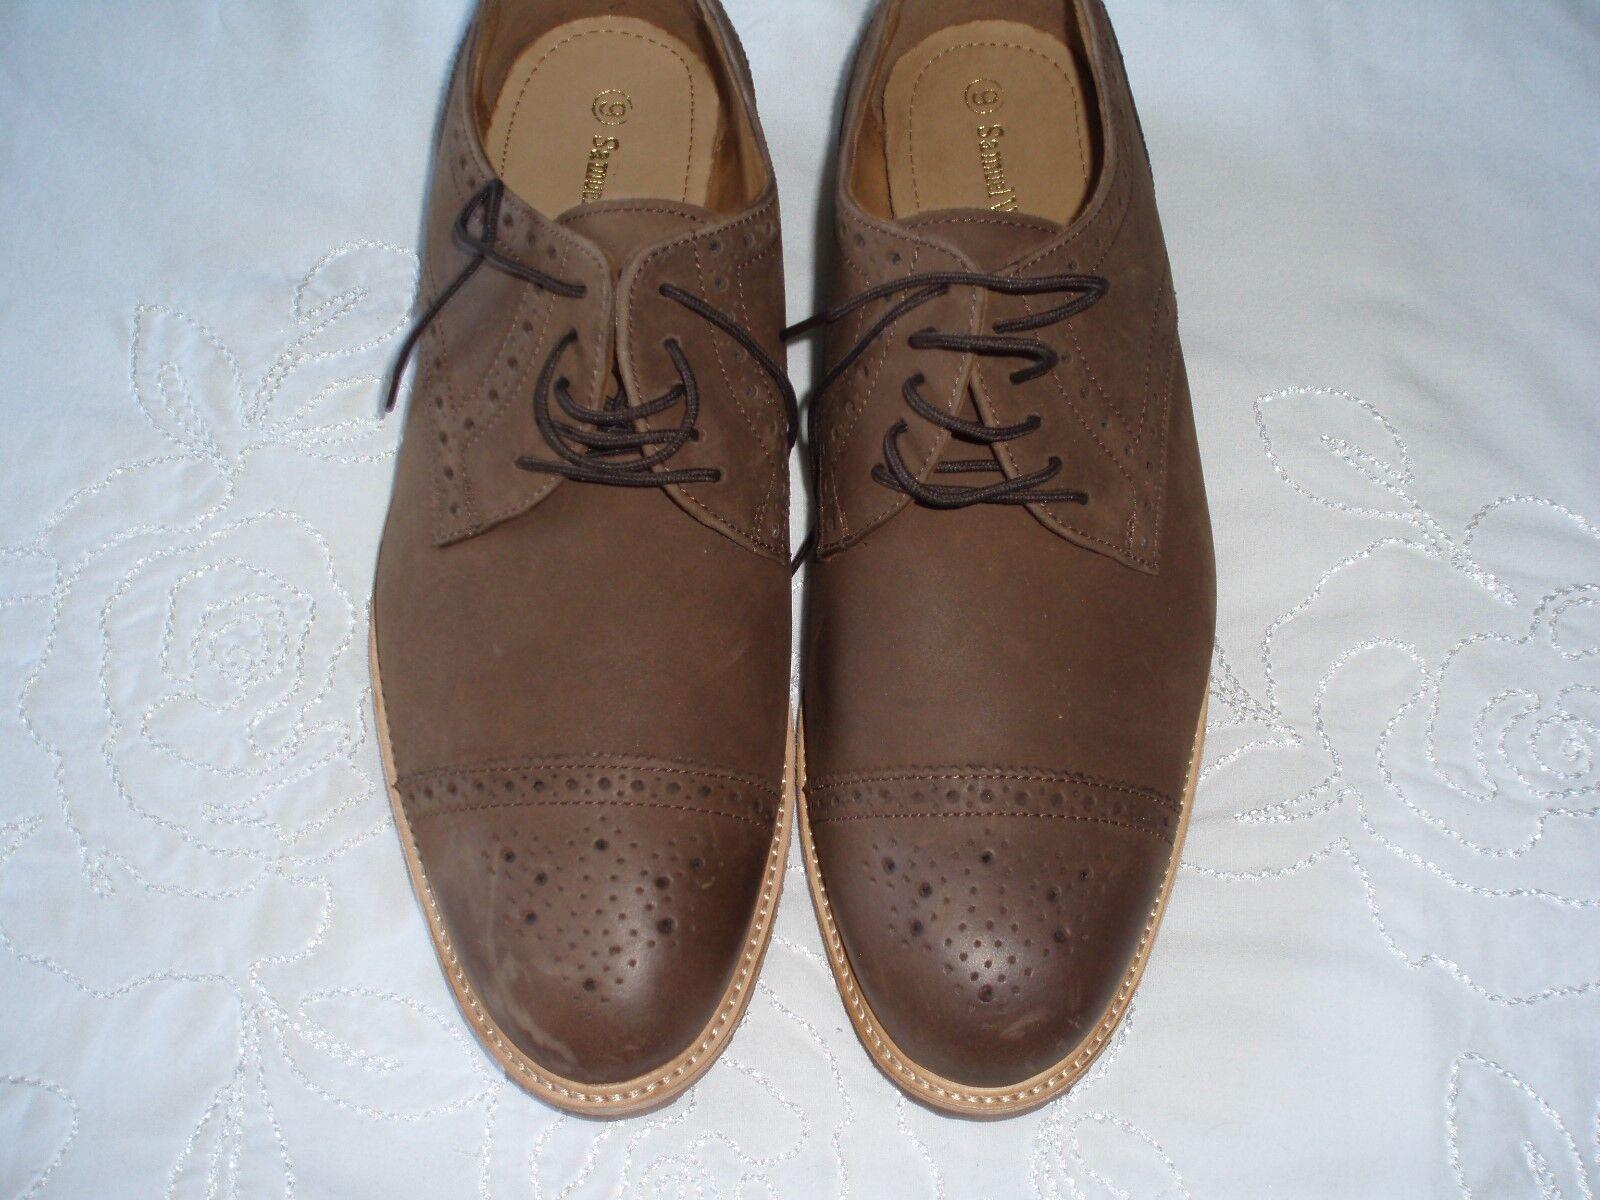 Samuel Windsor mens shoes size 9